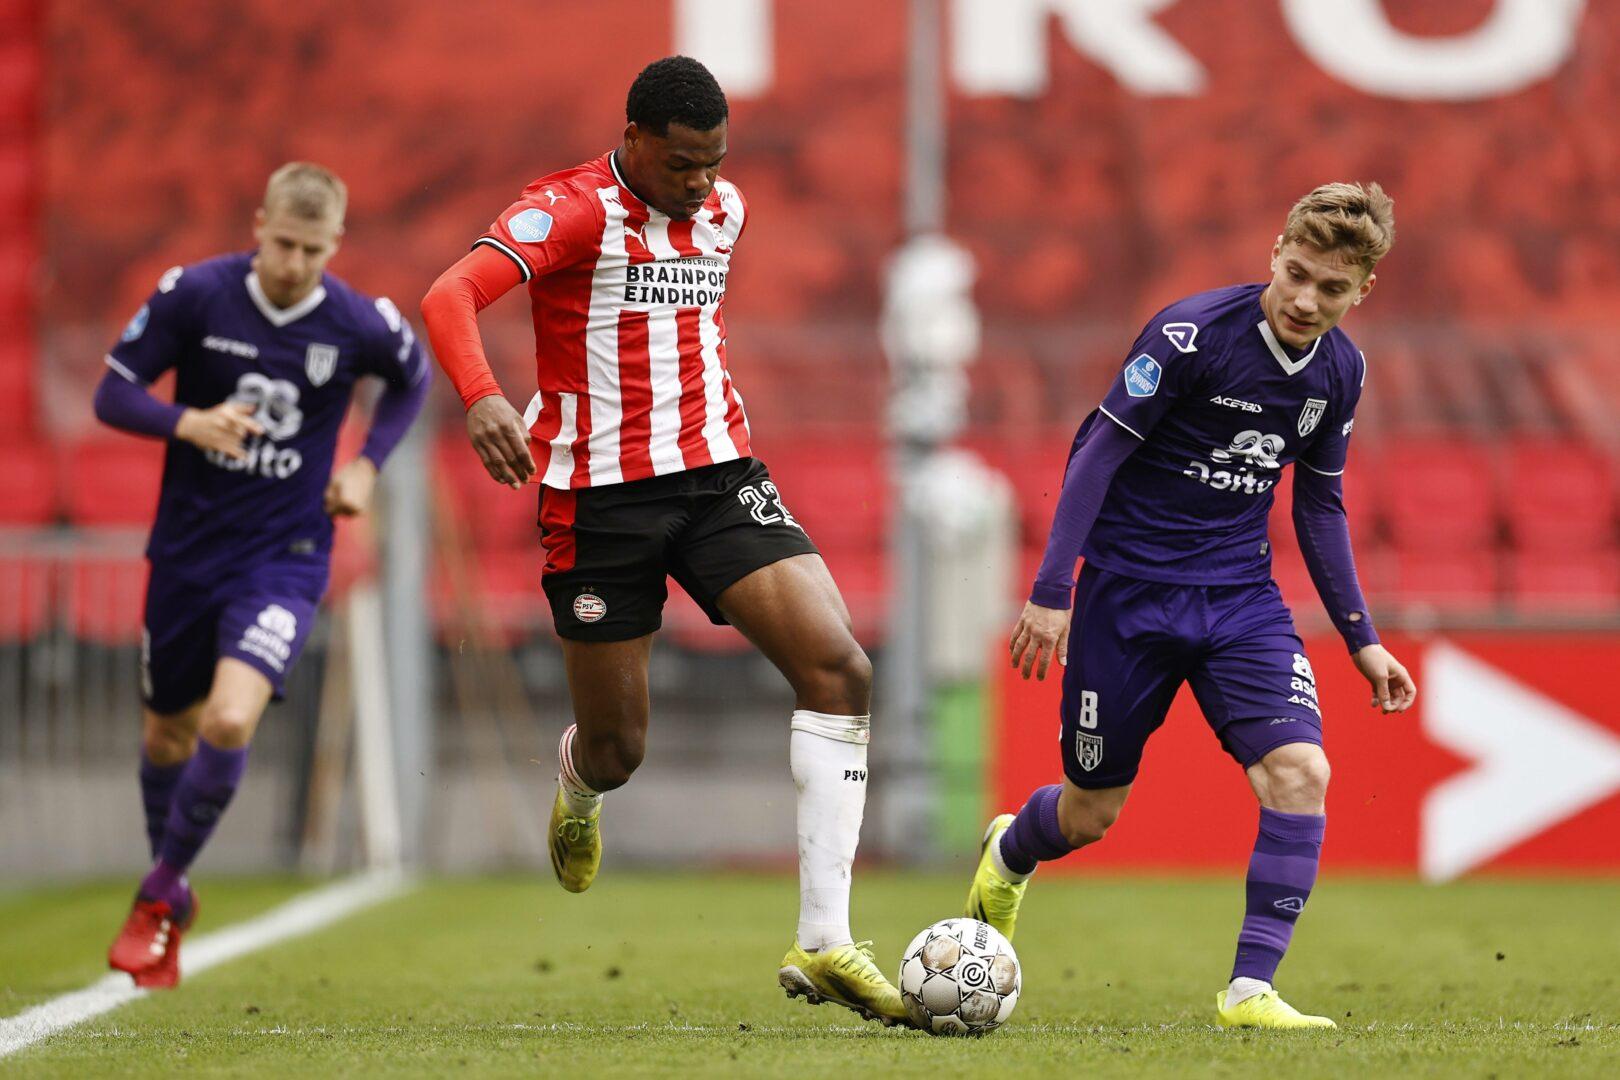 PSV Eindhoven   Inter gibt Angebot für Dumfries ab